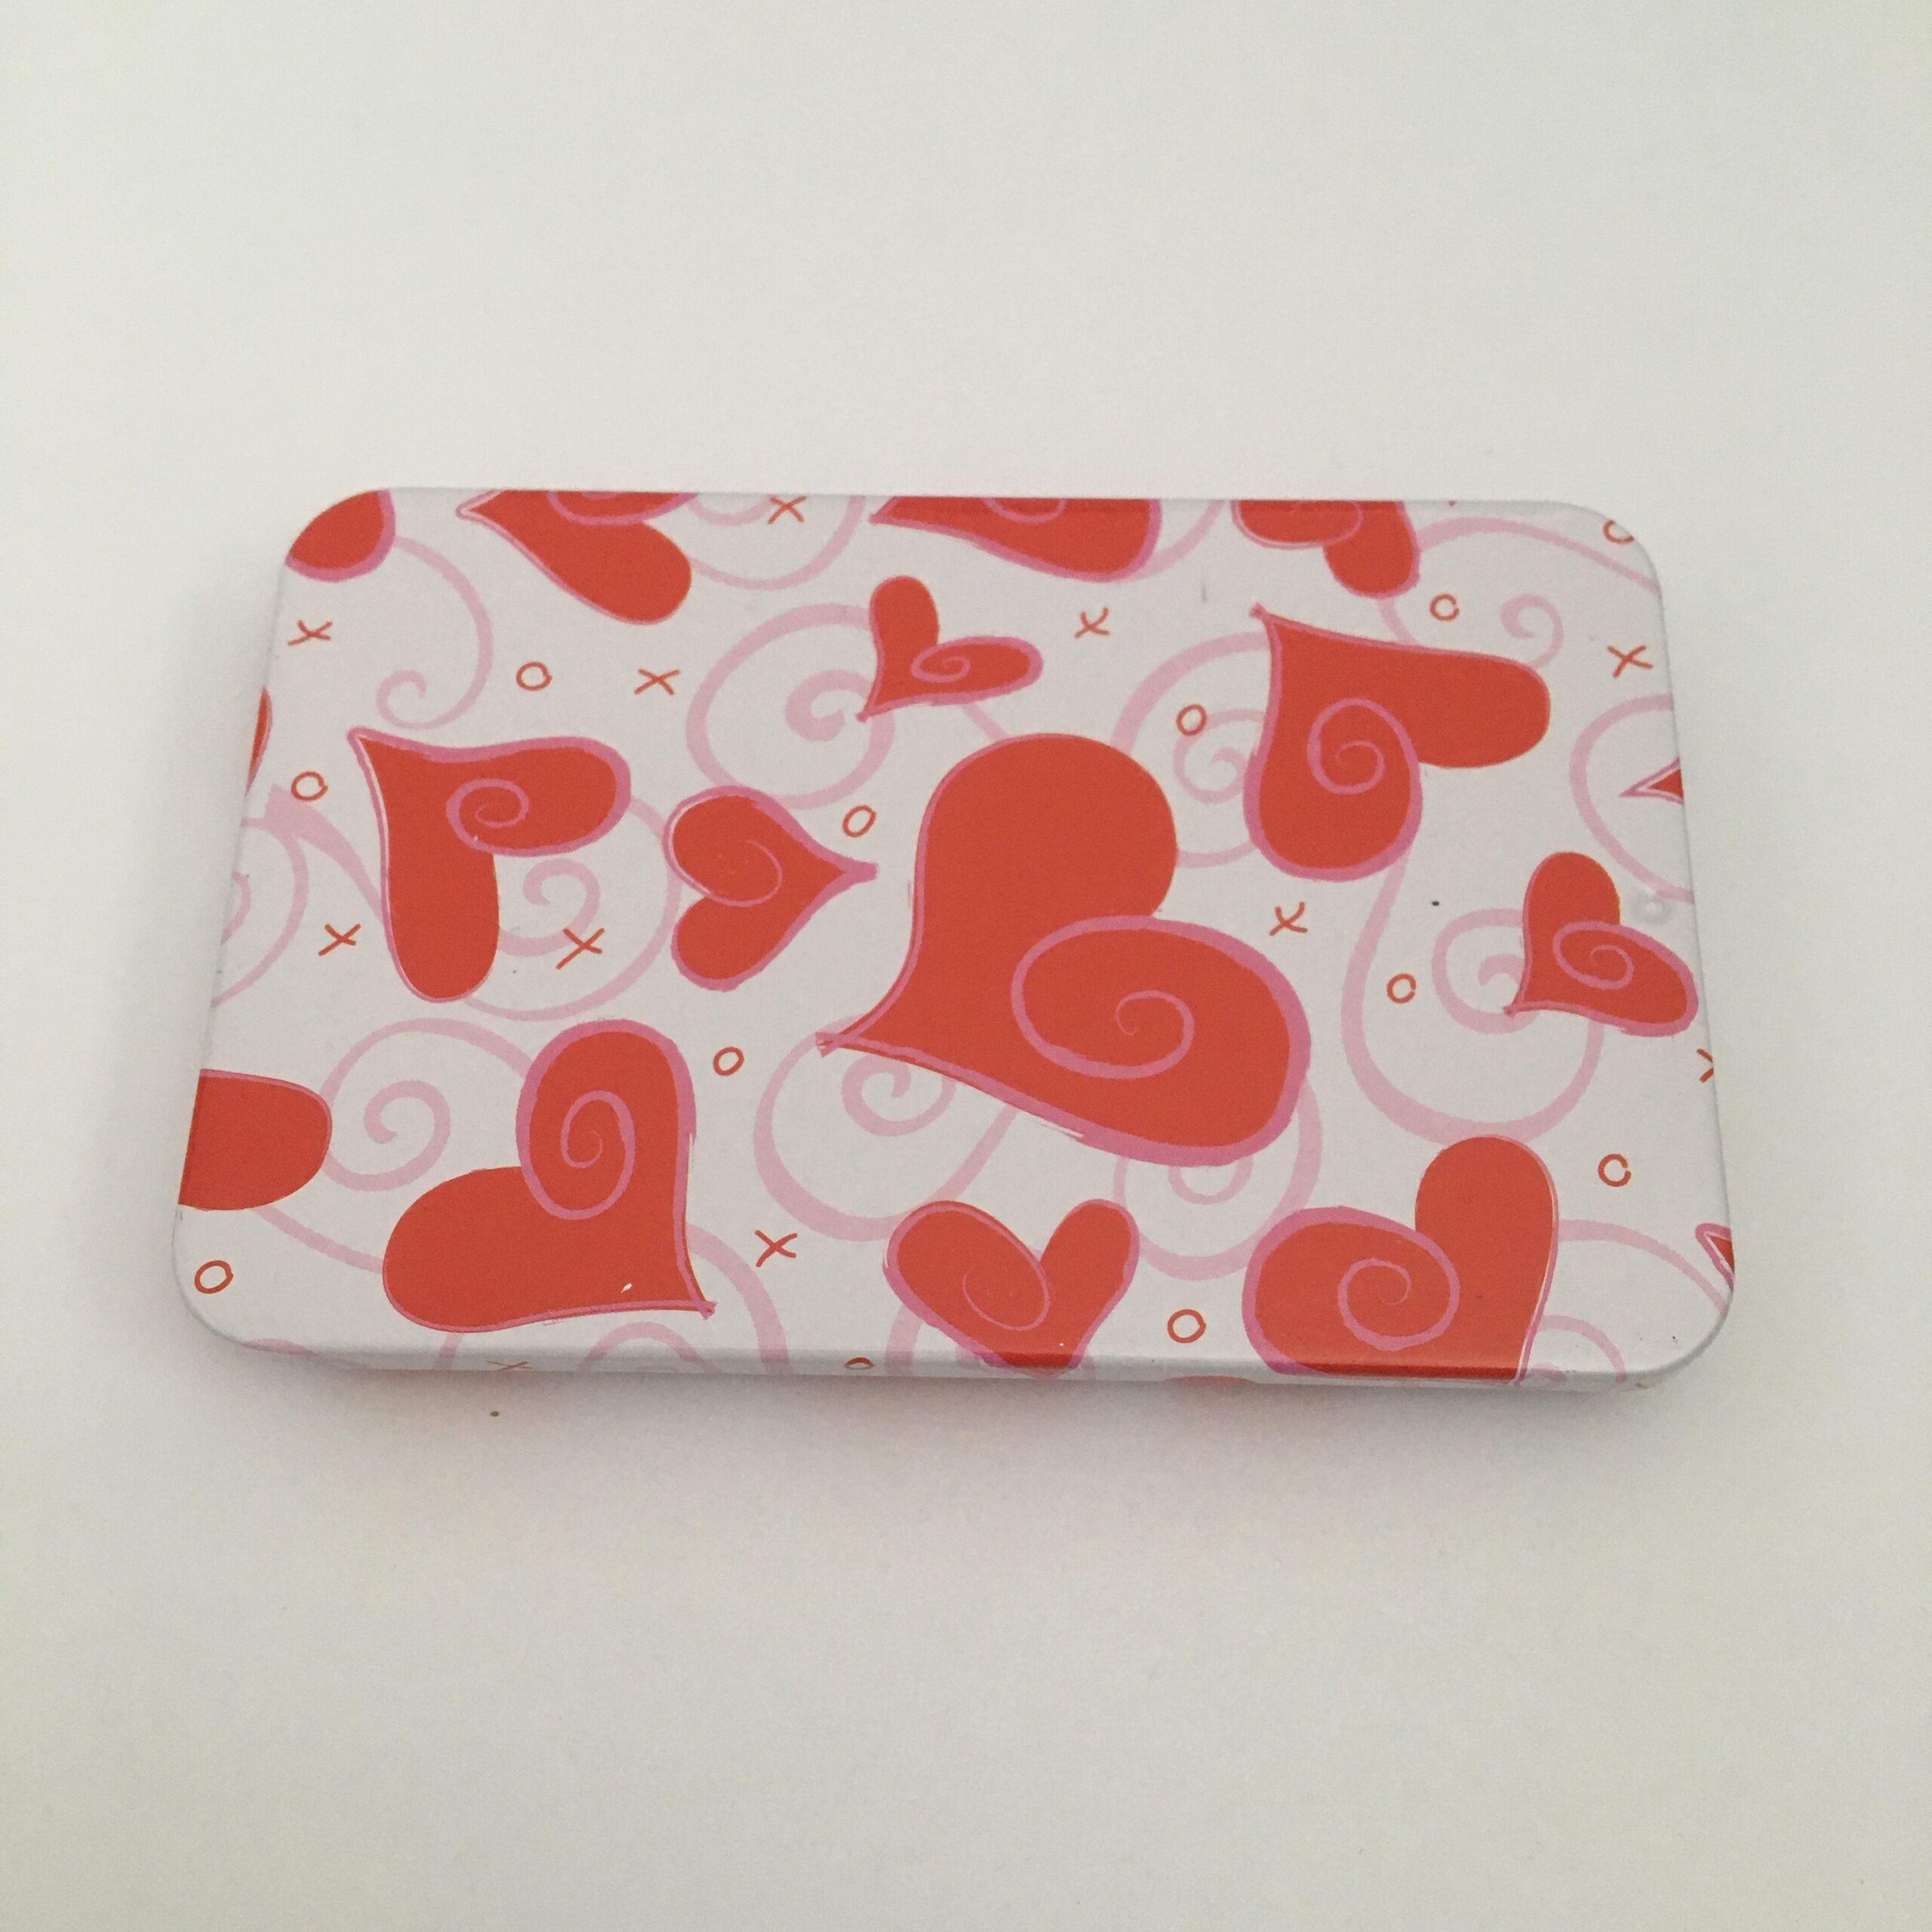 karp südametega,10×6,5cm, metall (2663)